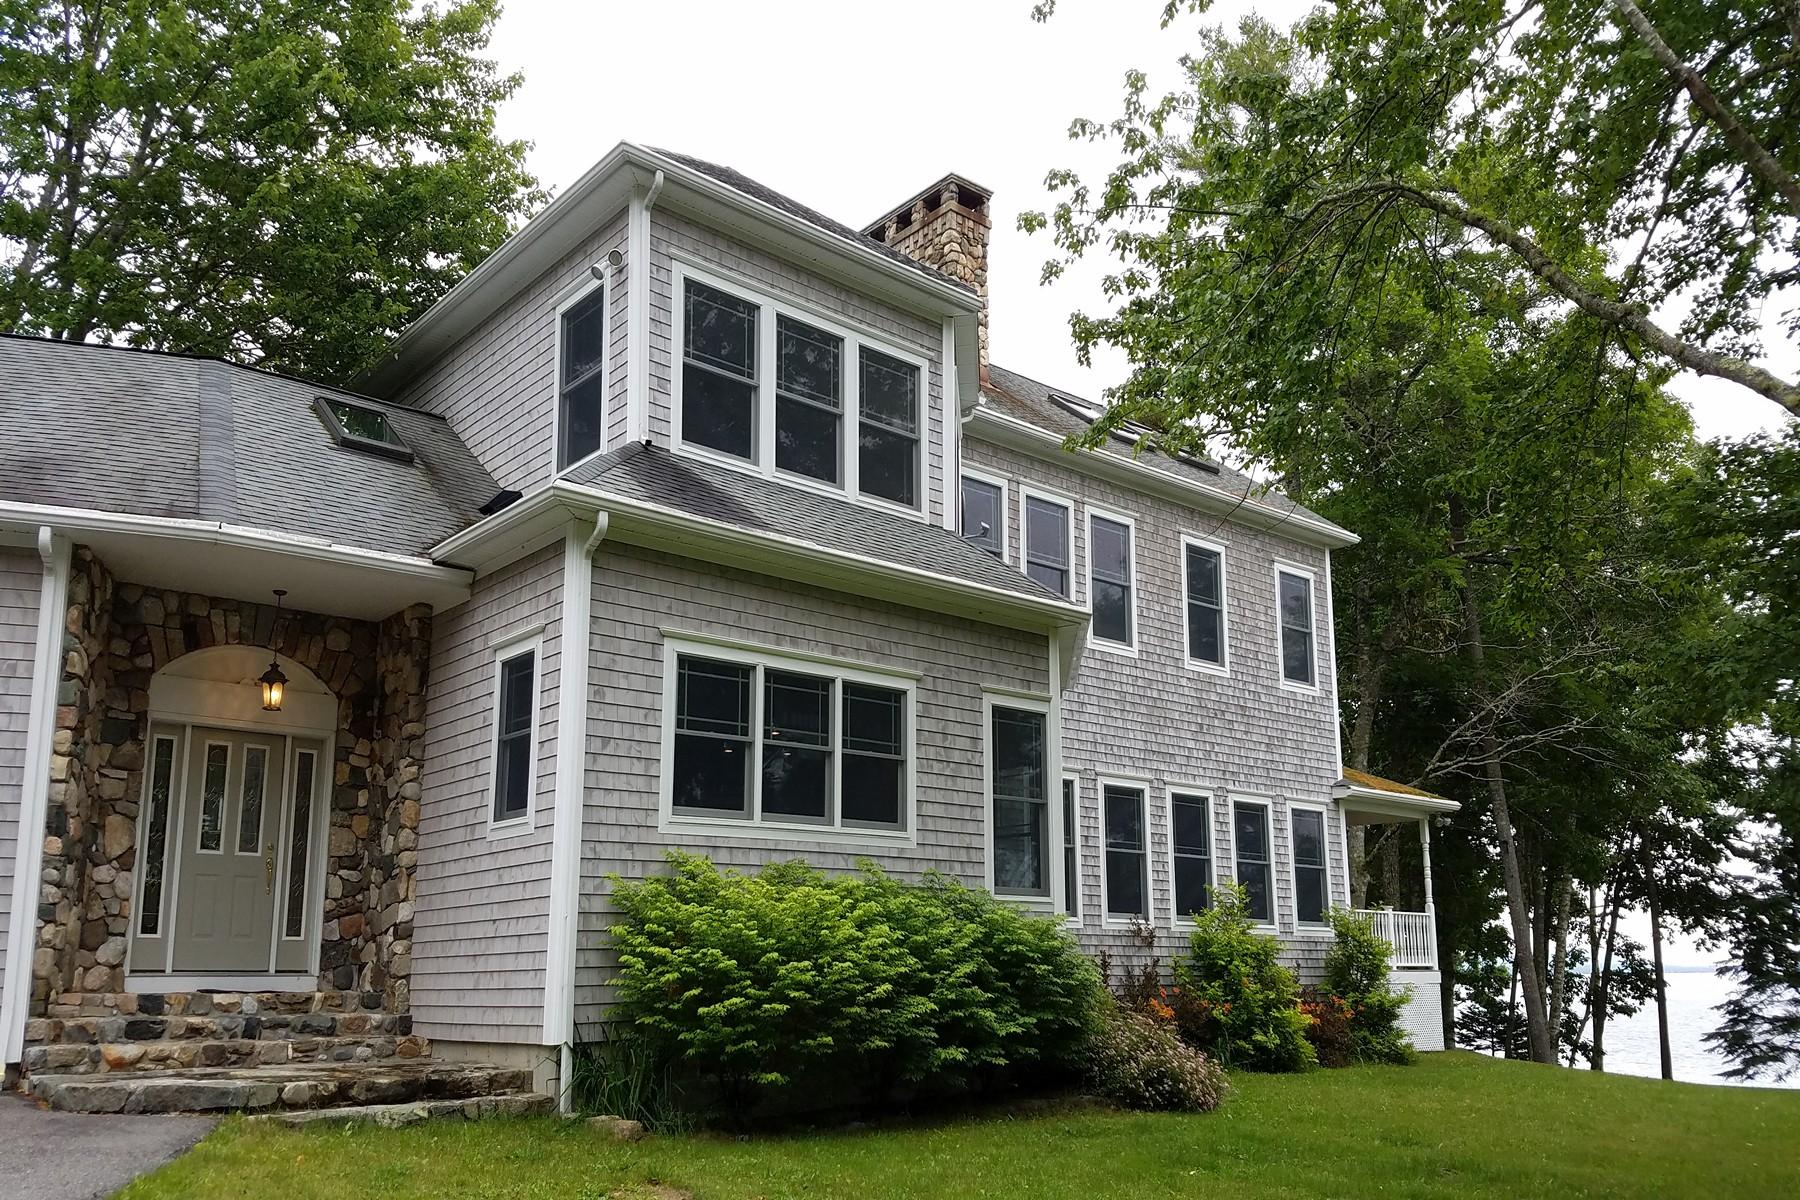 独户住宅 为 销售 在 Edgewater 34 Viking Trail Lane 萨里郡, 缅因州, 04684 美国